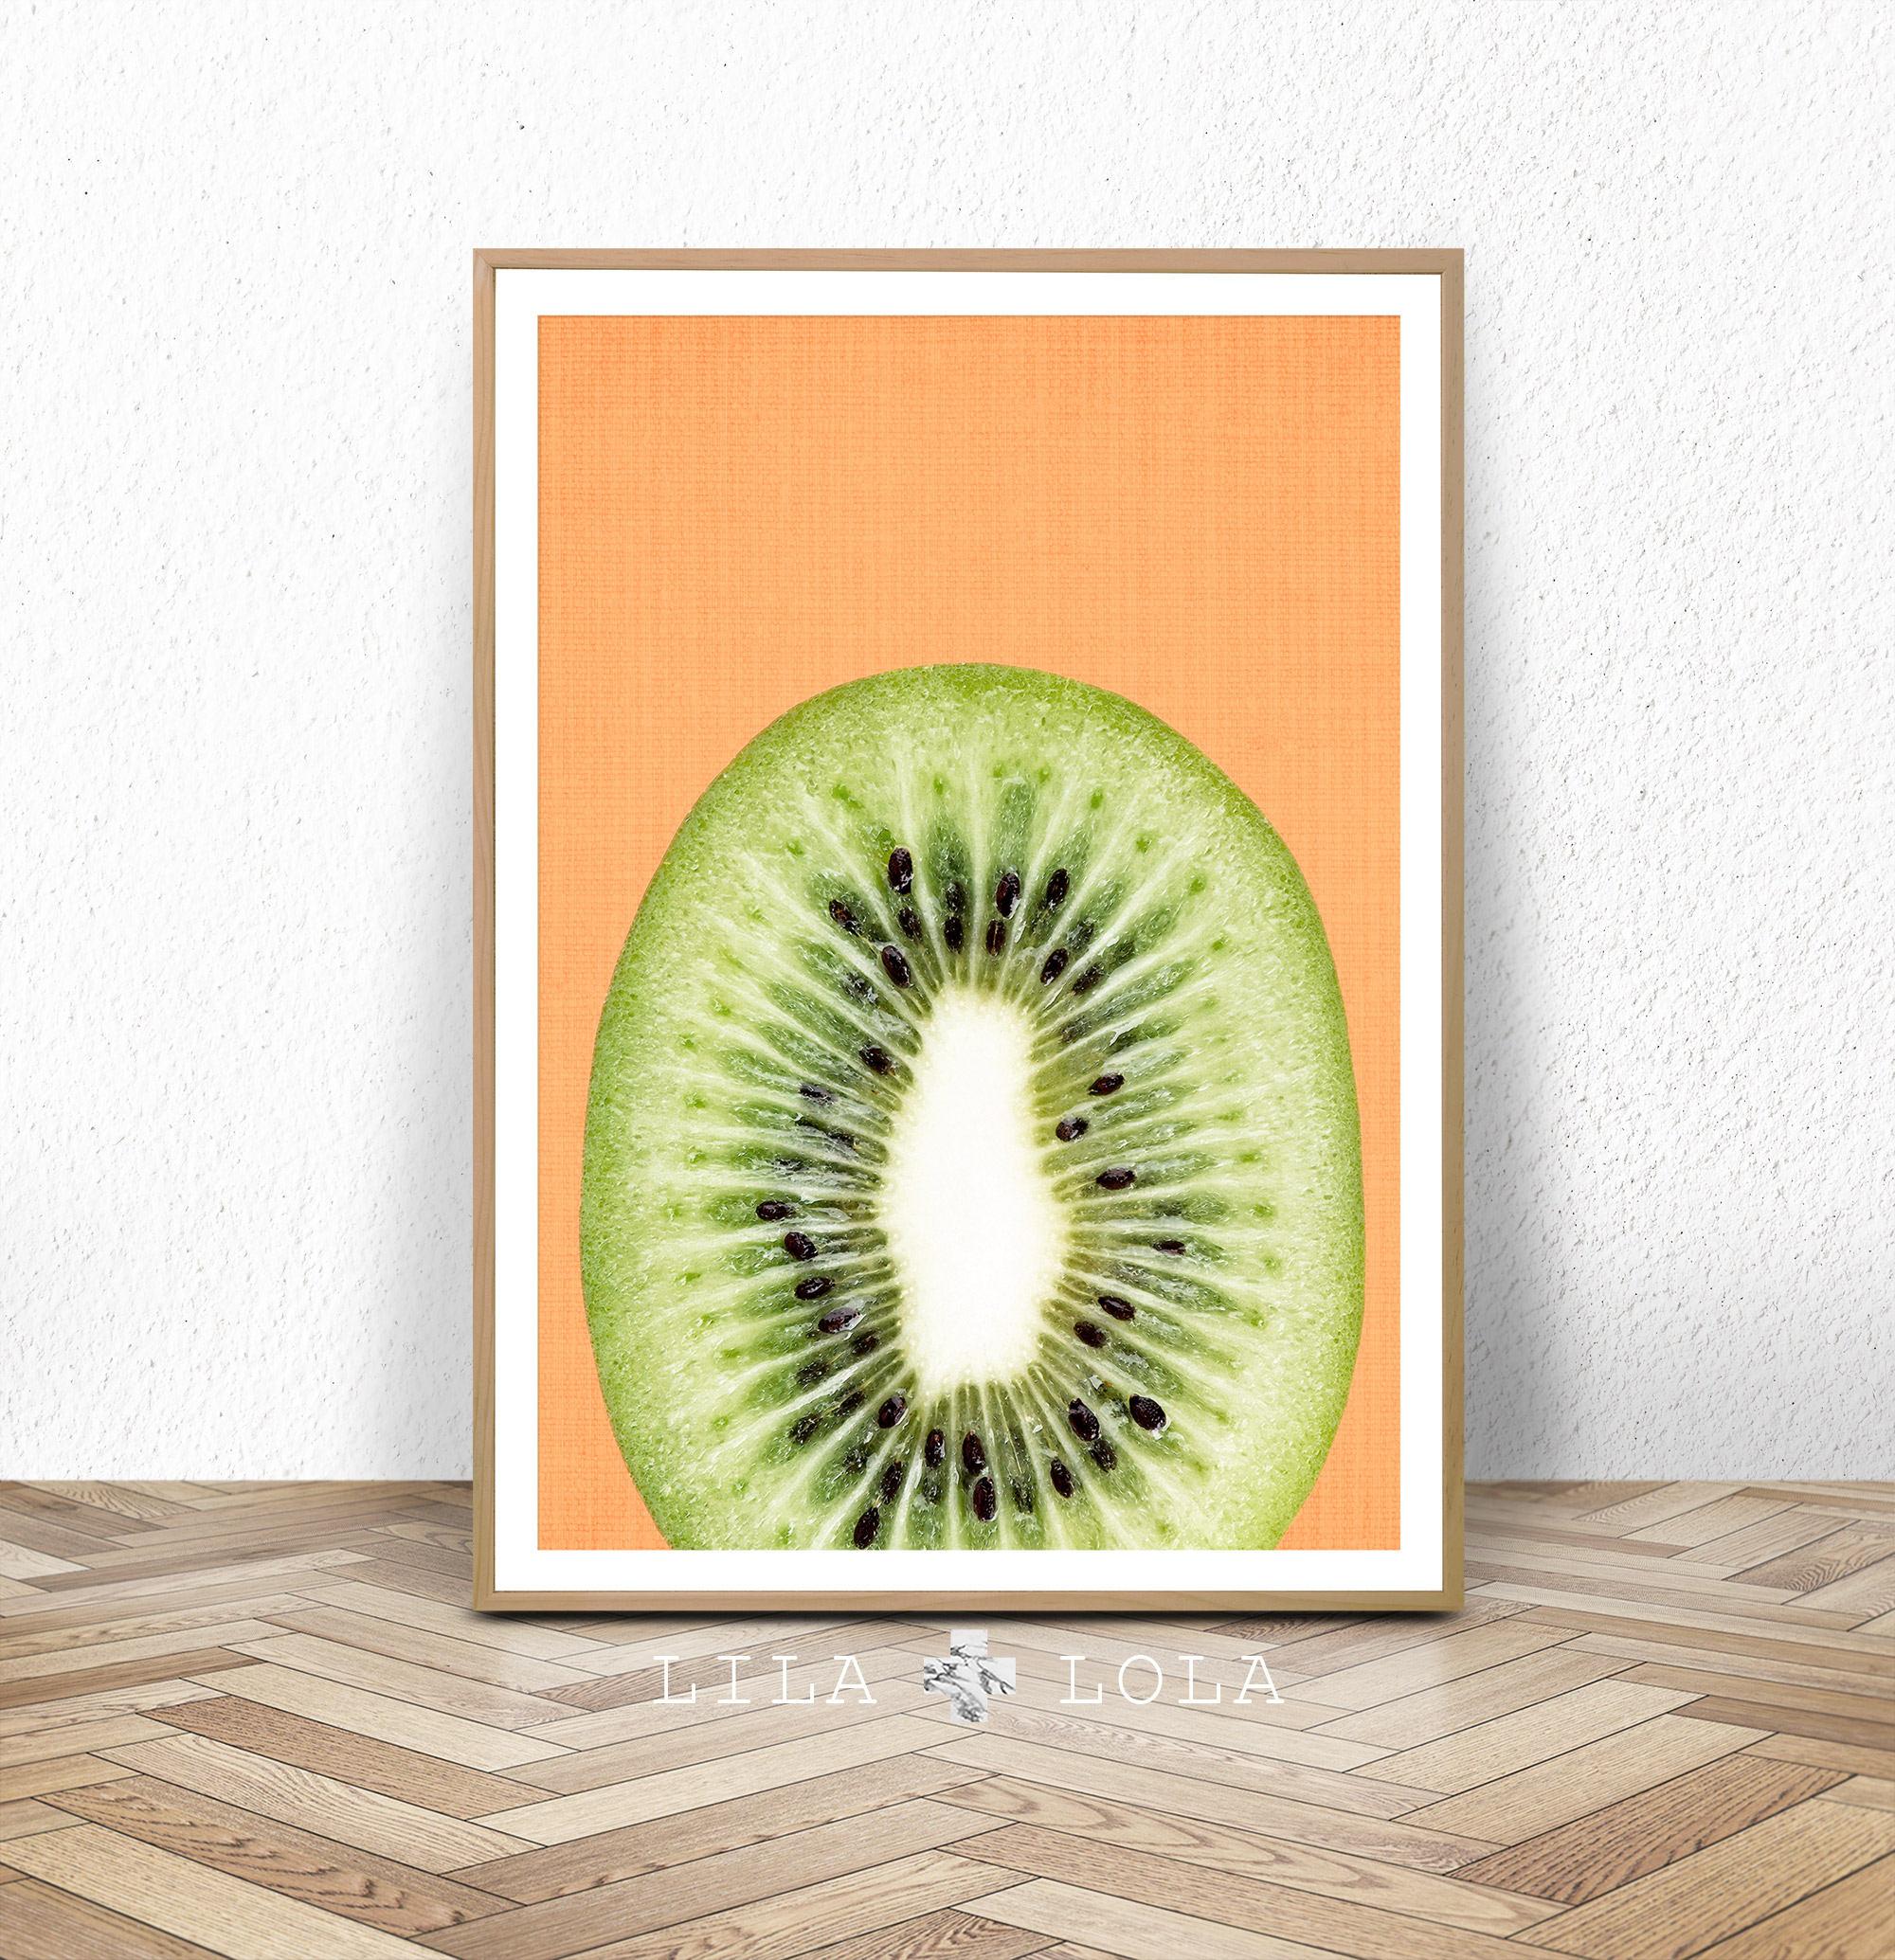 Fantastisch Küchenwand Kunstdekor Fotos - Küche Set Ideen ...